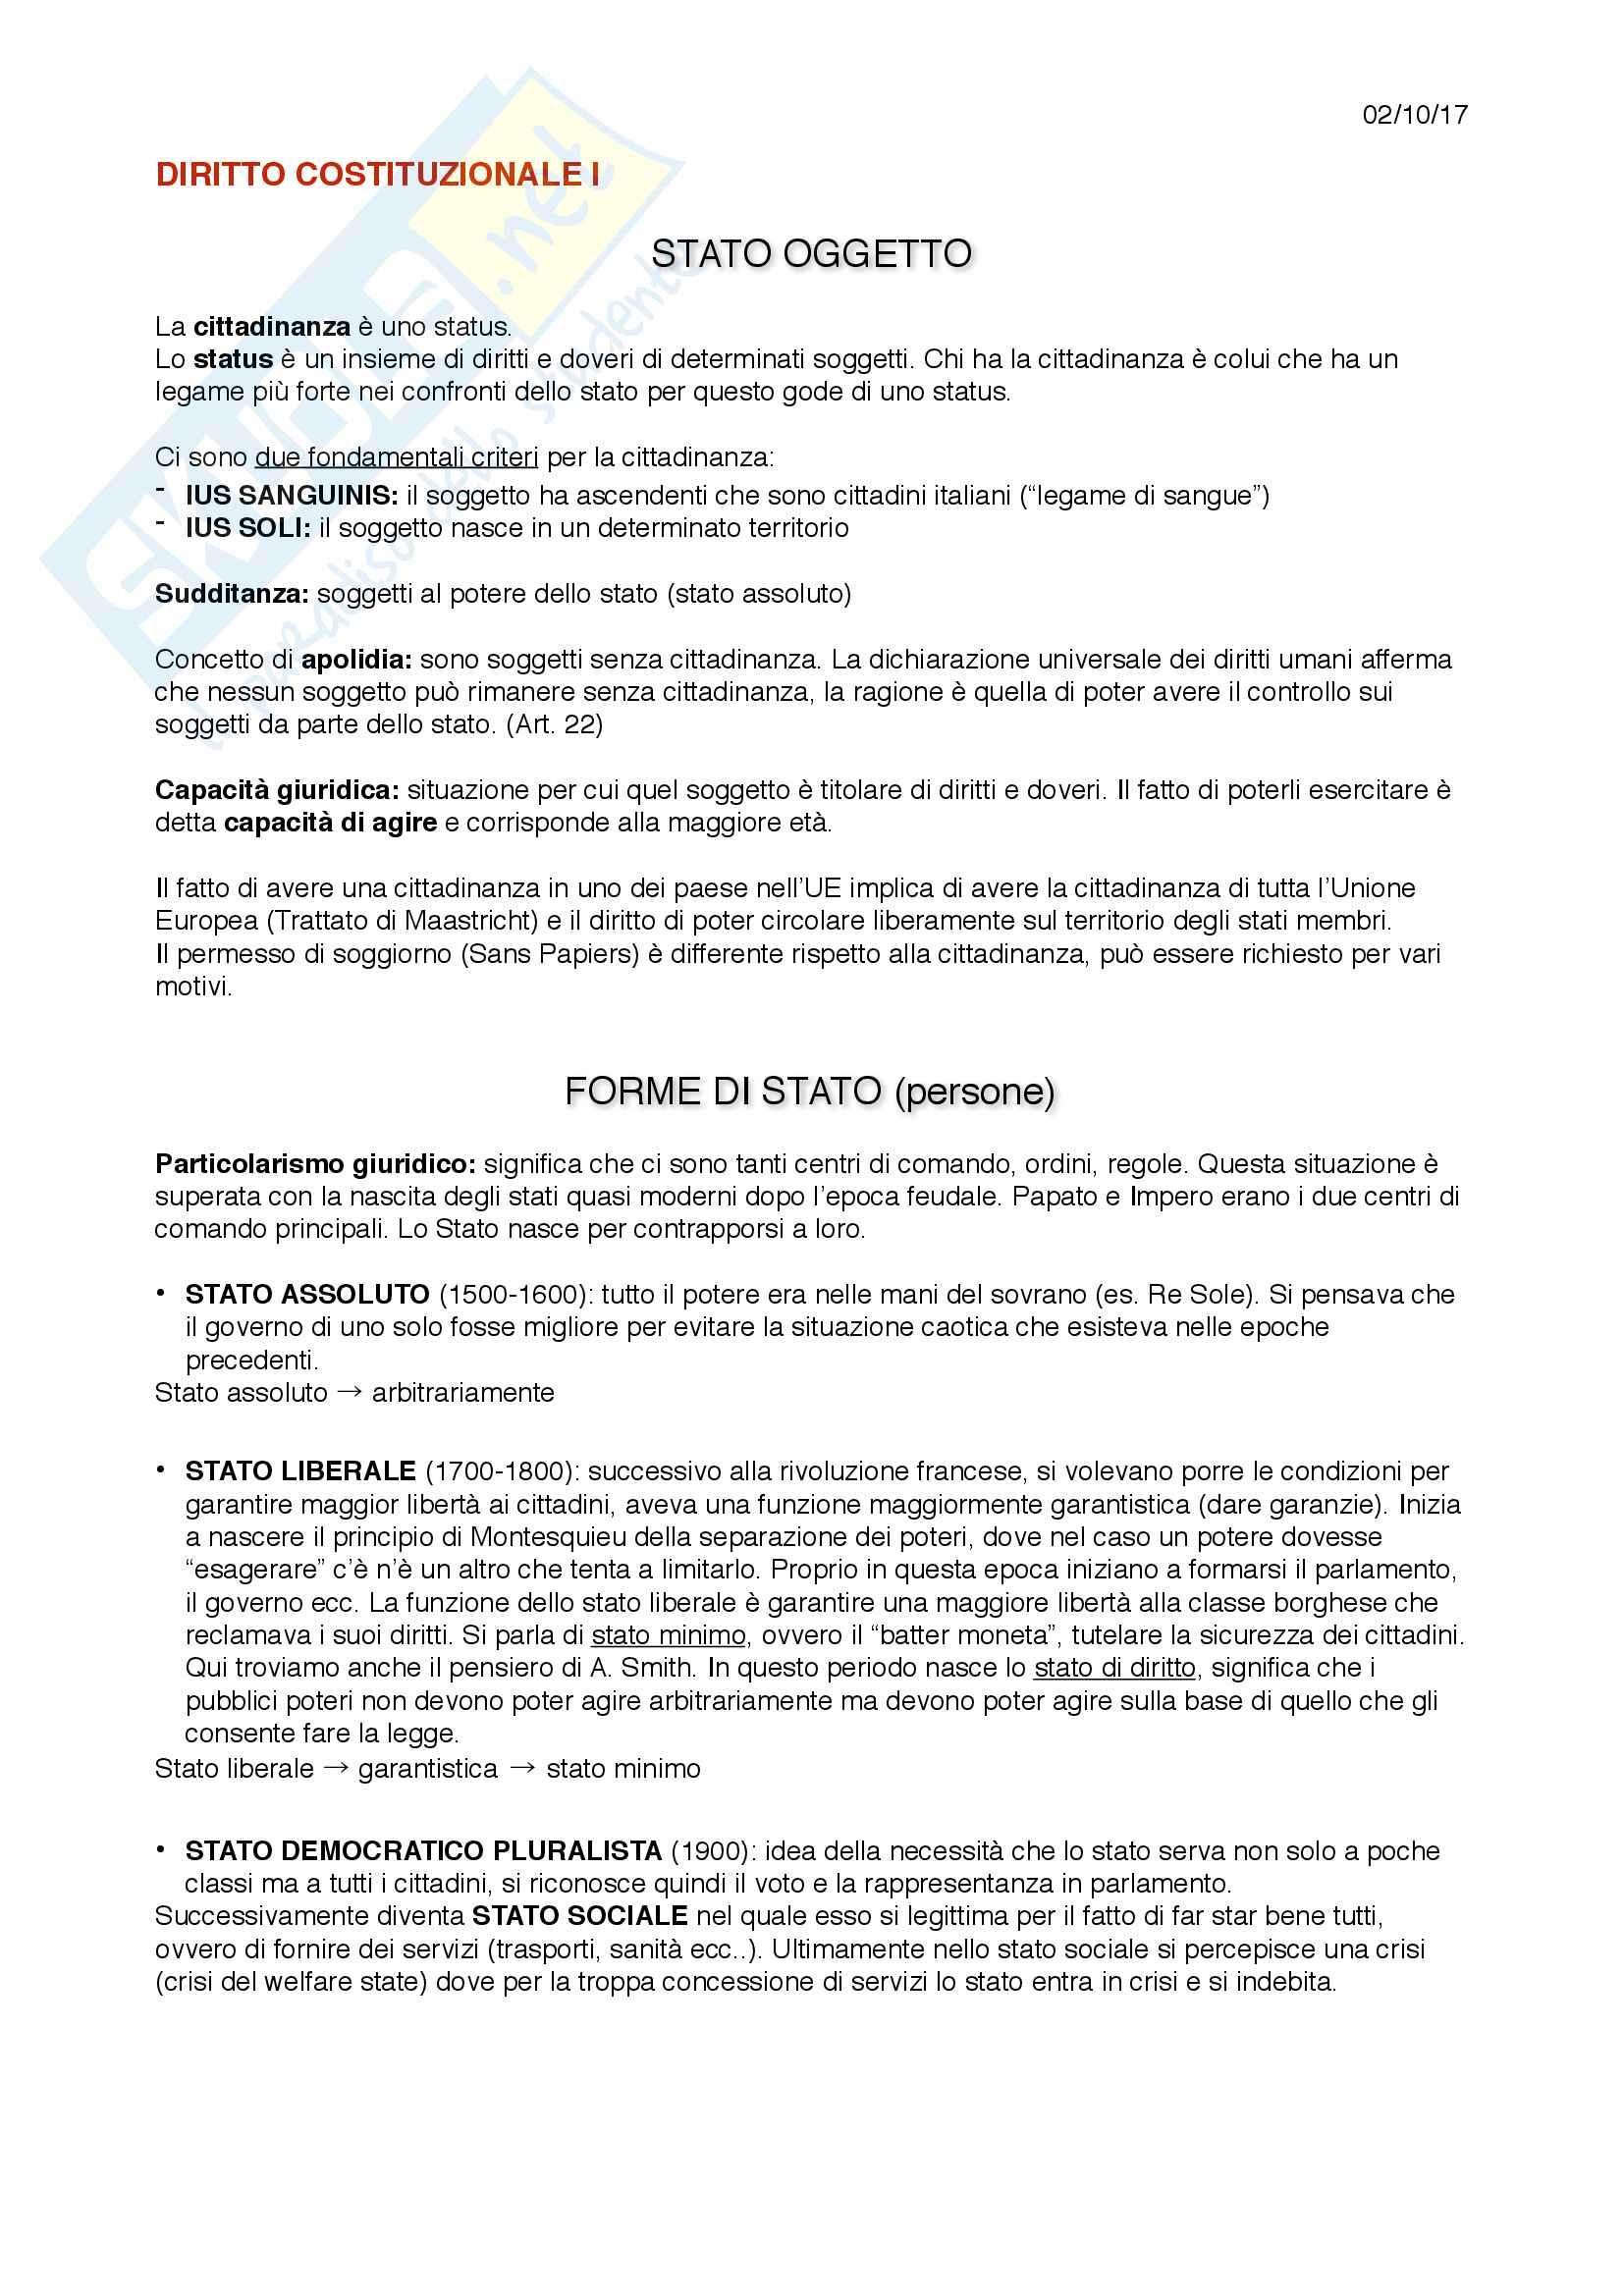 Appunti intero corso Diritto Costituzionale I - L. Trucco